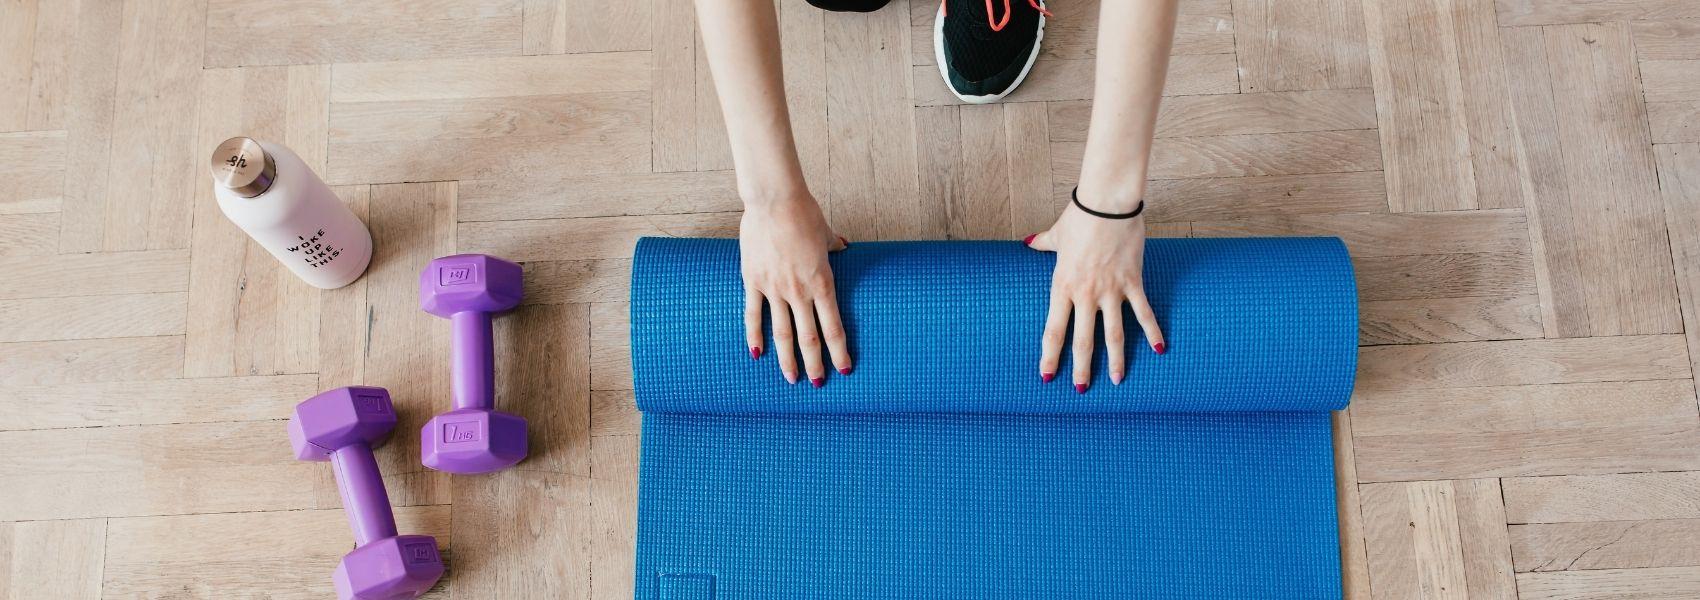 Juntos, exercícios de fortalecimento muscular e aeróbicos podem reduzir morte por cancro